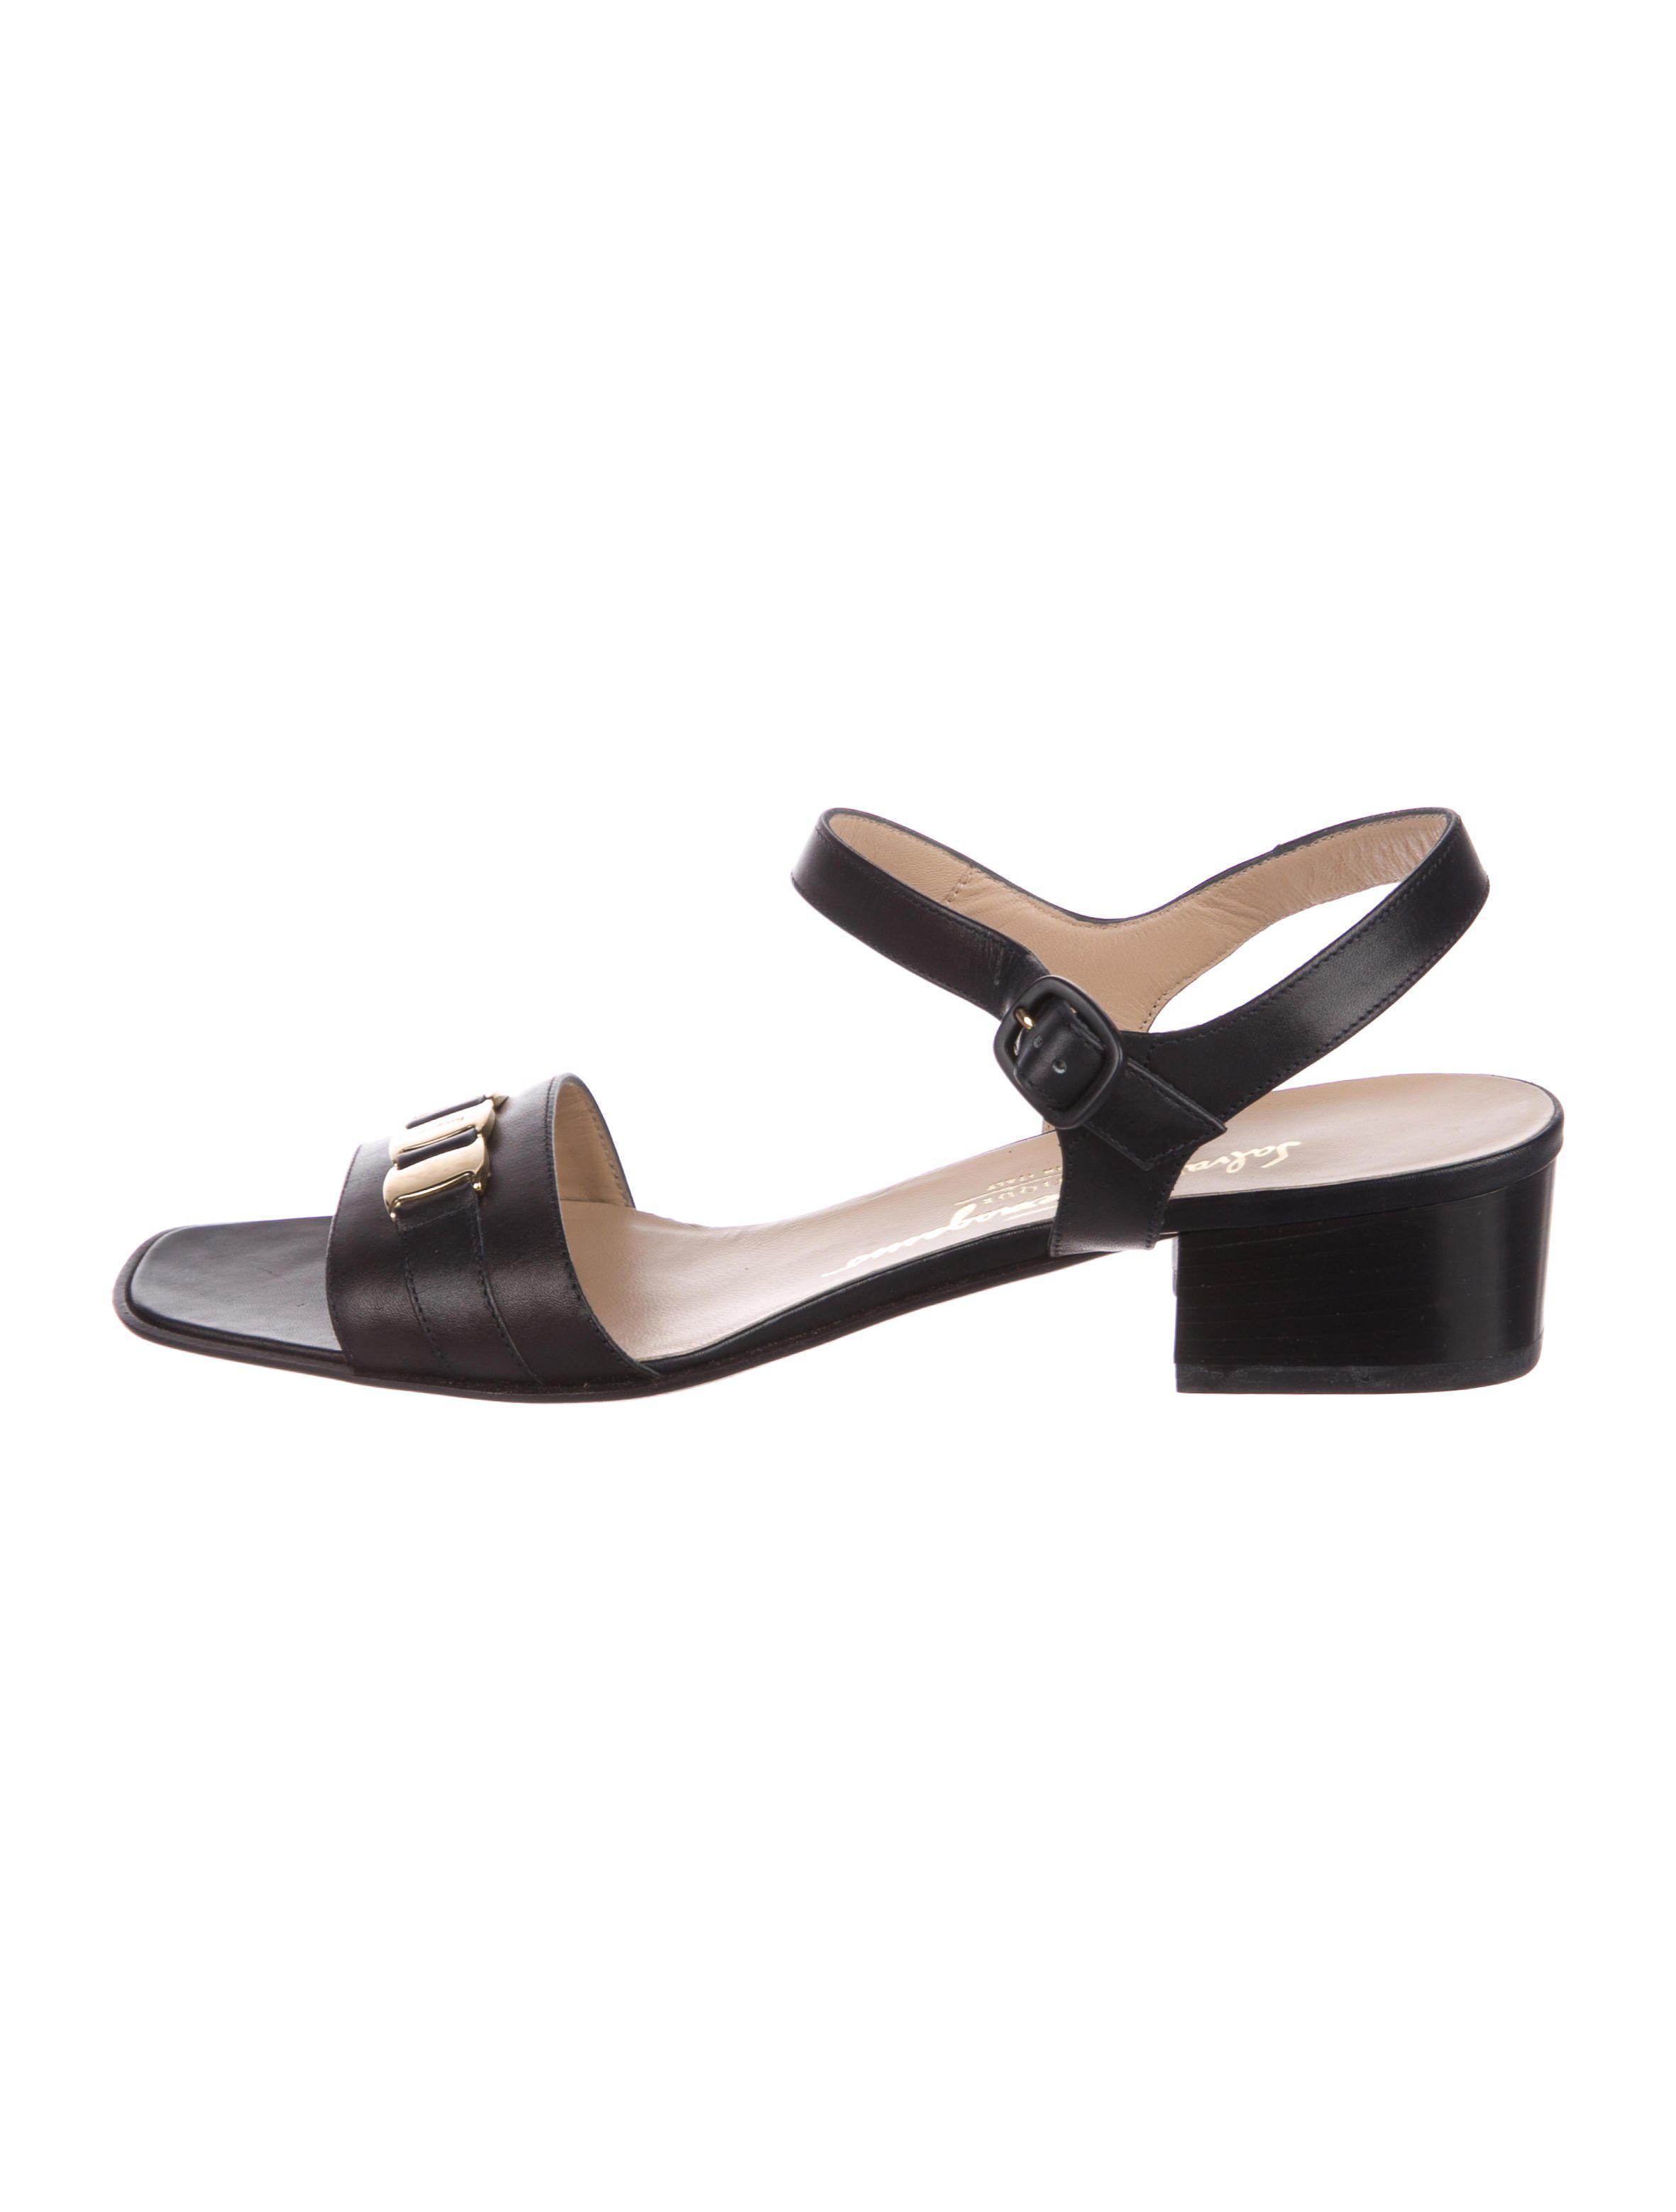 8eeed5ff1634 Lyst - Ferragamo Demy Leather Sandals W  Tags Black in Metallic